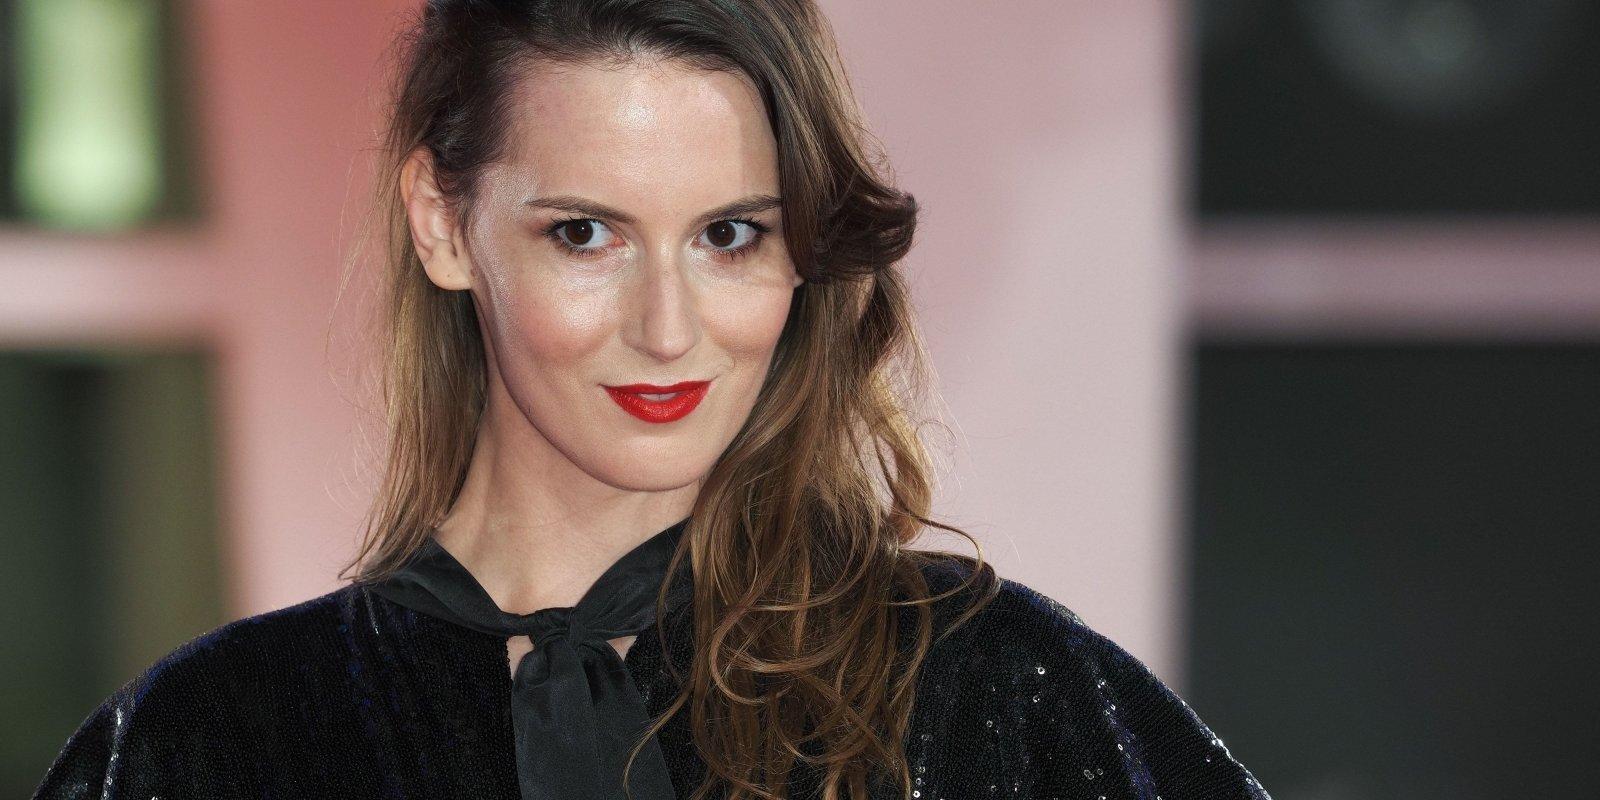 Meitene no Latvijas uz pasaules kinofestivālu sarkanajiem paklājiem – aktrise Natālija Rjumina